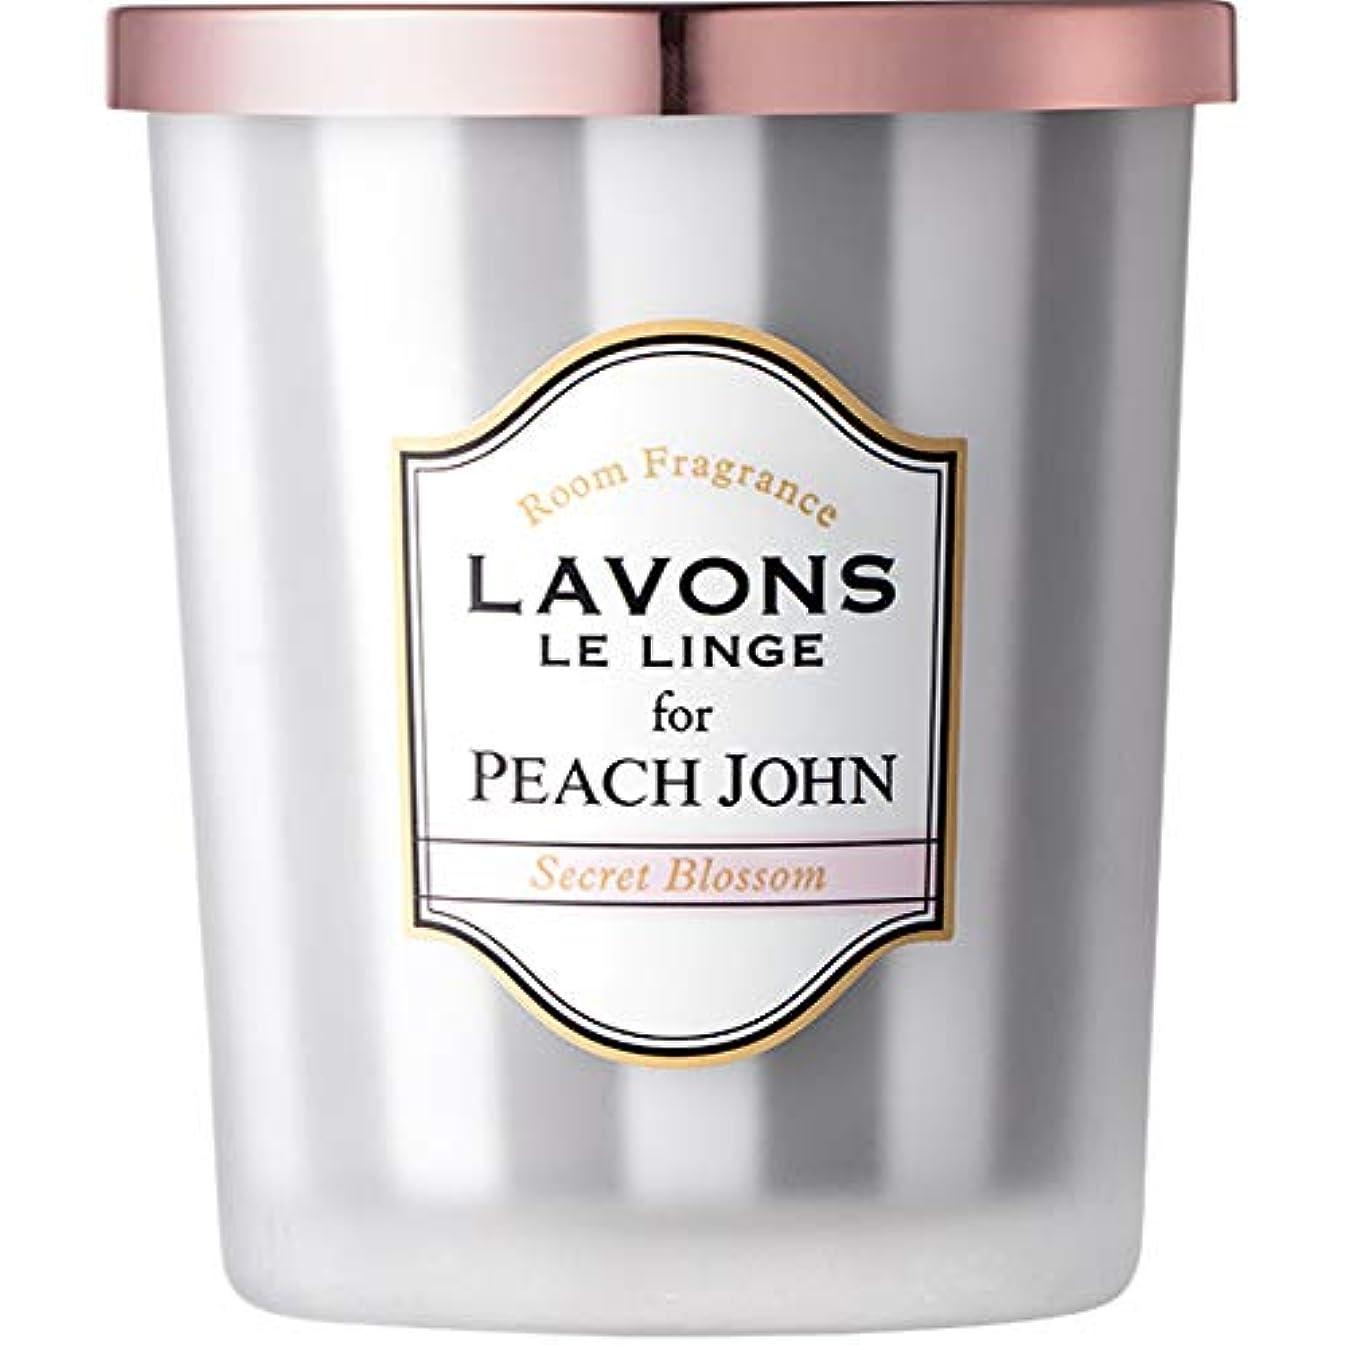 ピラミッド擬人化ポテトラボン for PEACH JOHN 部屋用フレグランス シークレットブロッサムの香り 150g